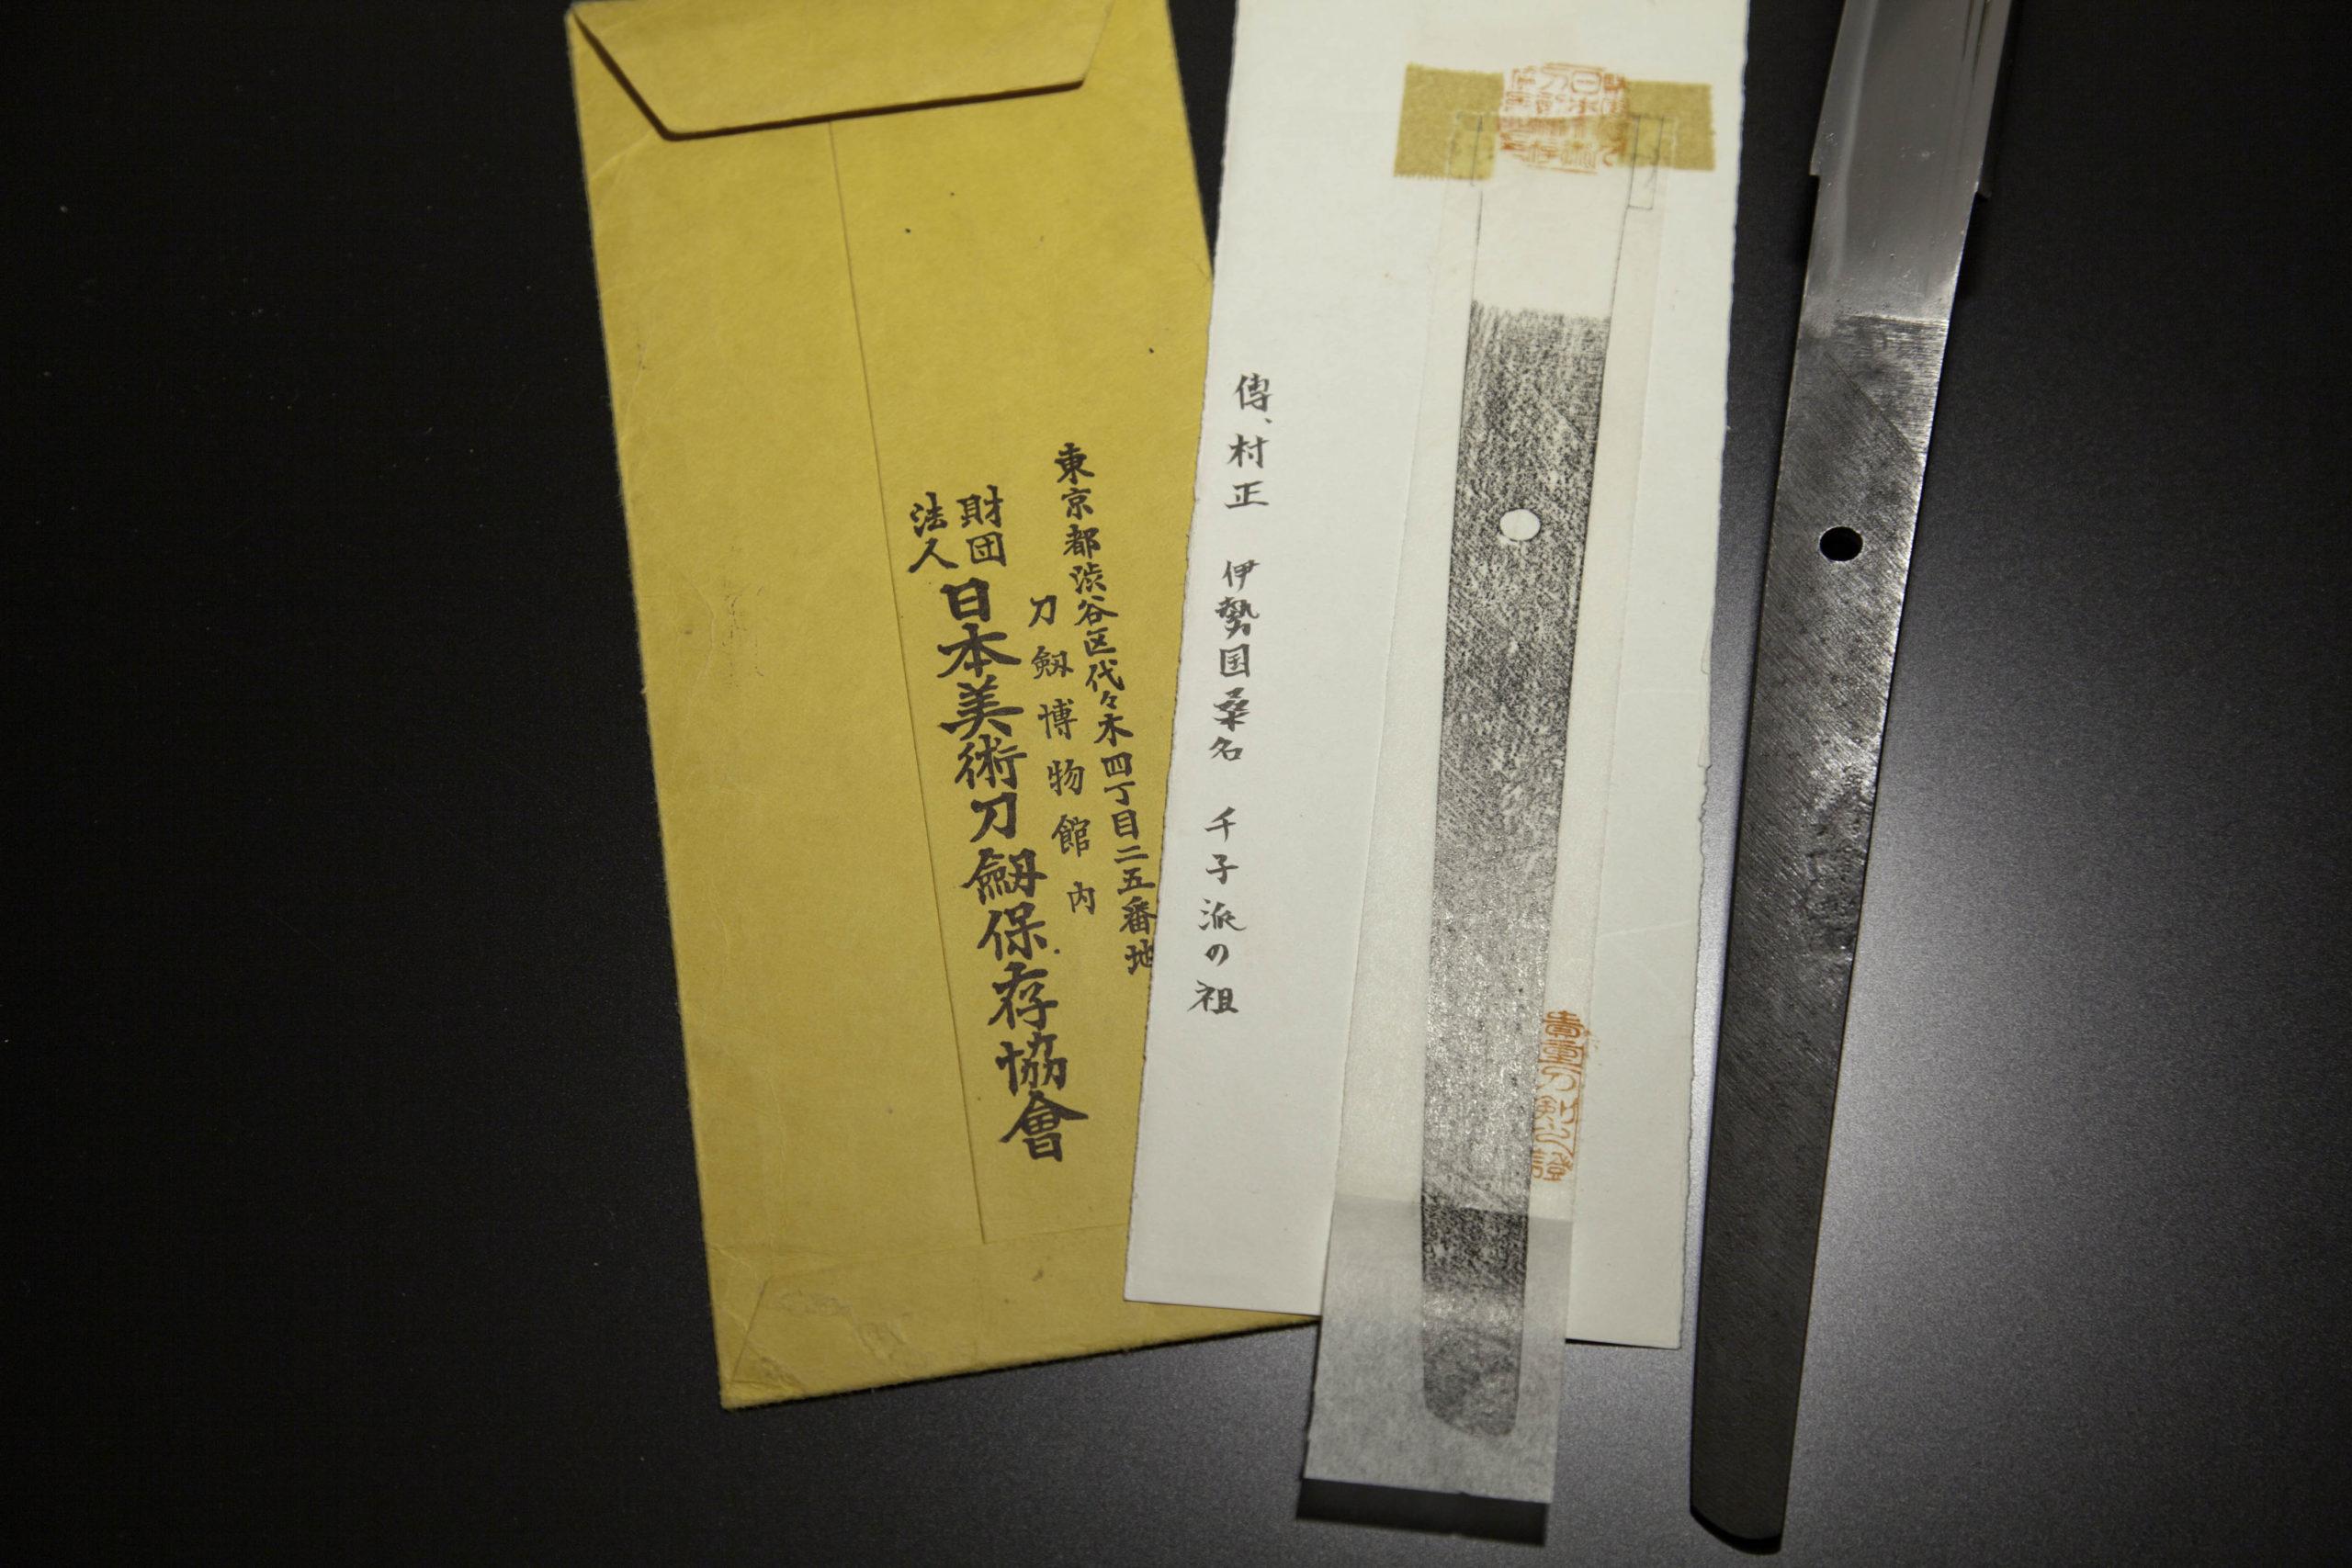 伝「勢州桑名住義朋斎三品広房」または伝「村正」の販売オークション!素晴らしい刃文をご堪能下さい。